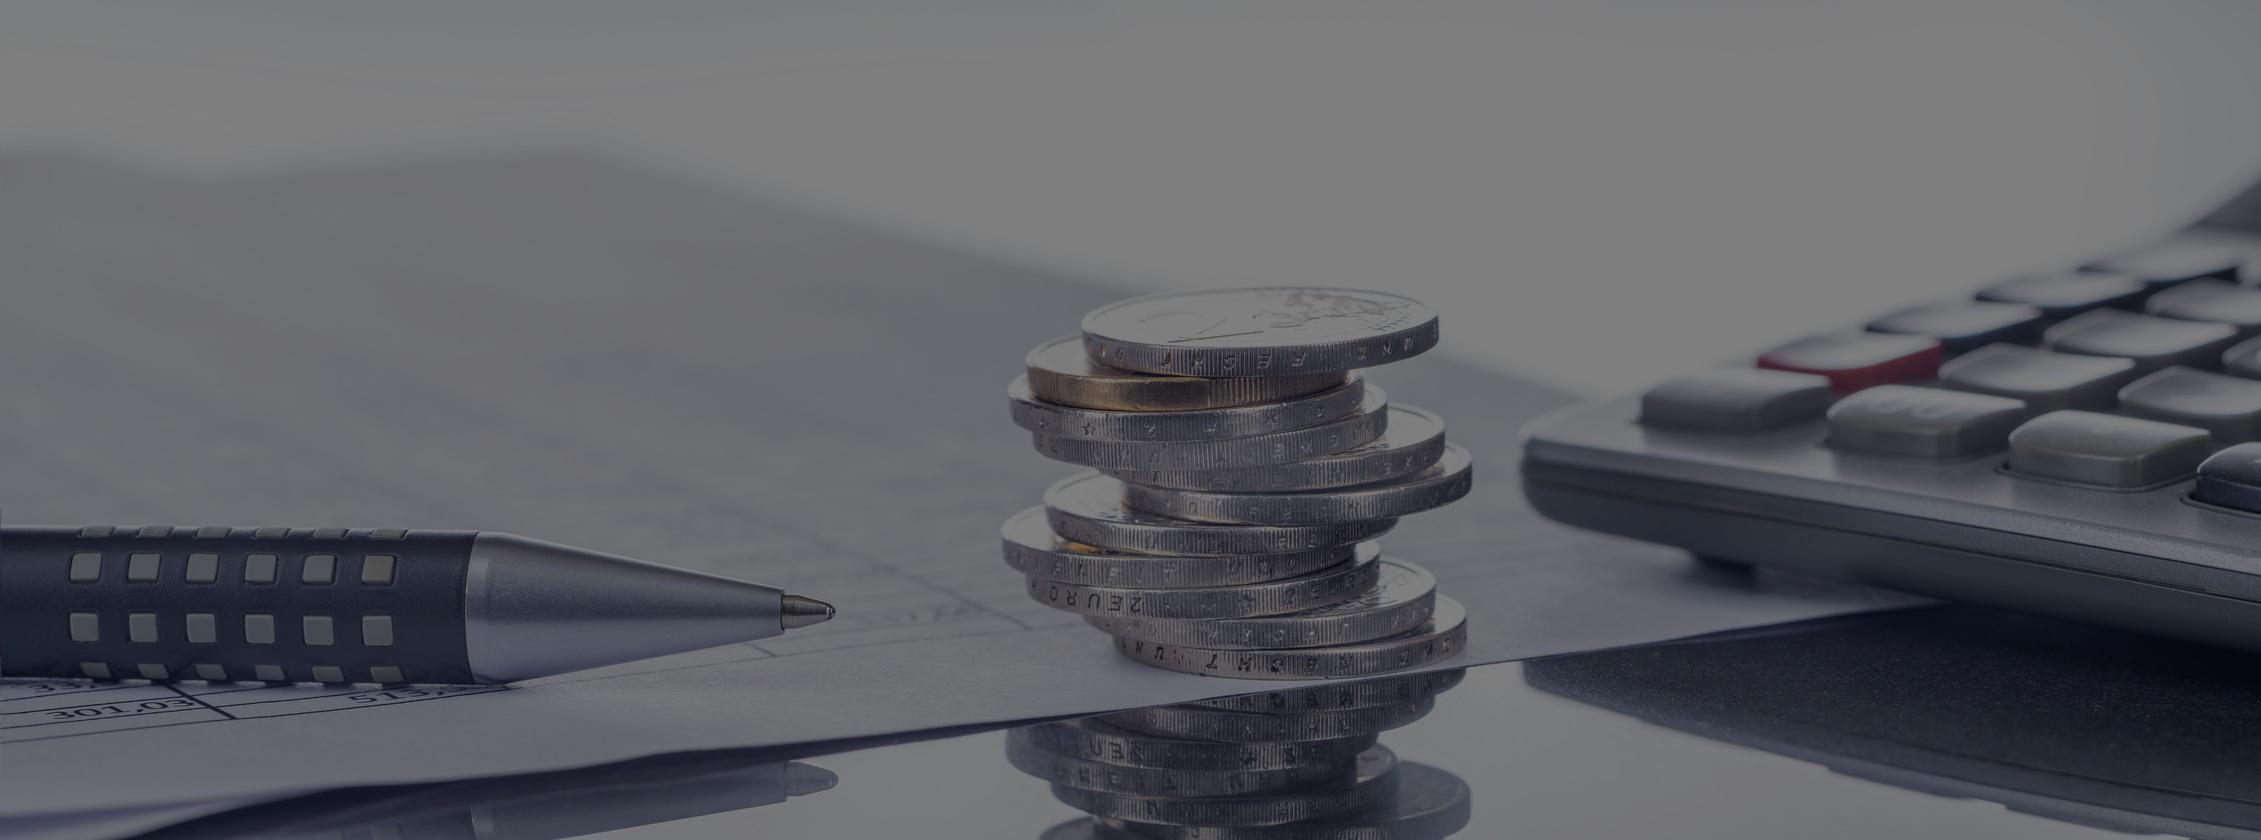 Immobilien- und Finanzierungsvermittlung Krause